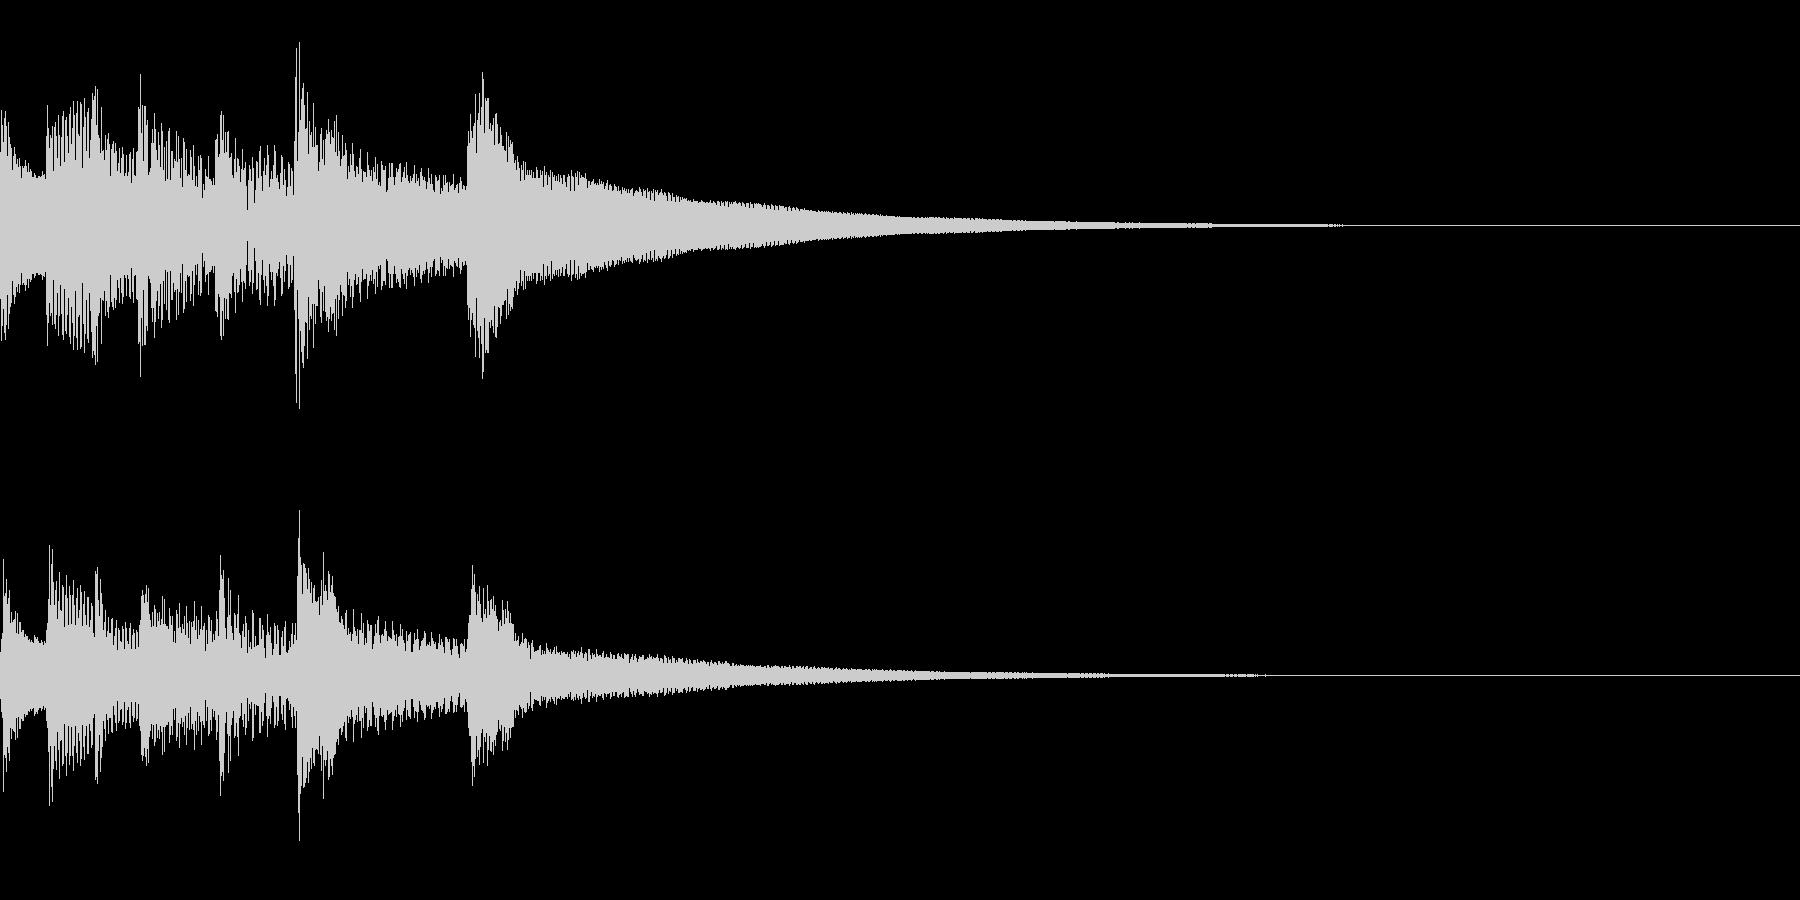 木琴とクラクションの場面転換ジングルの未再生の波形